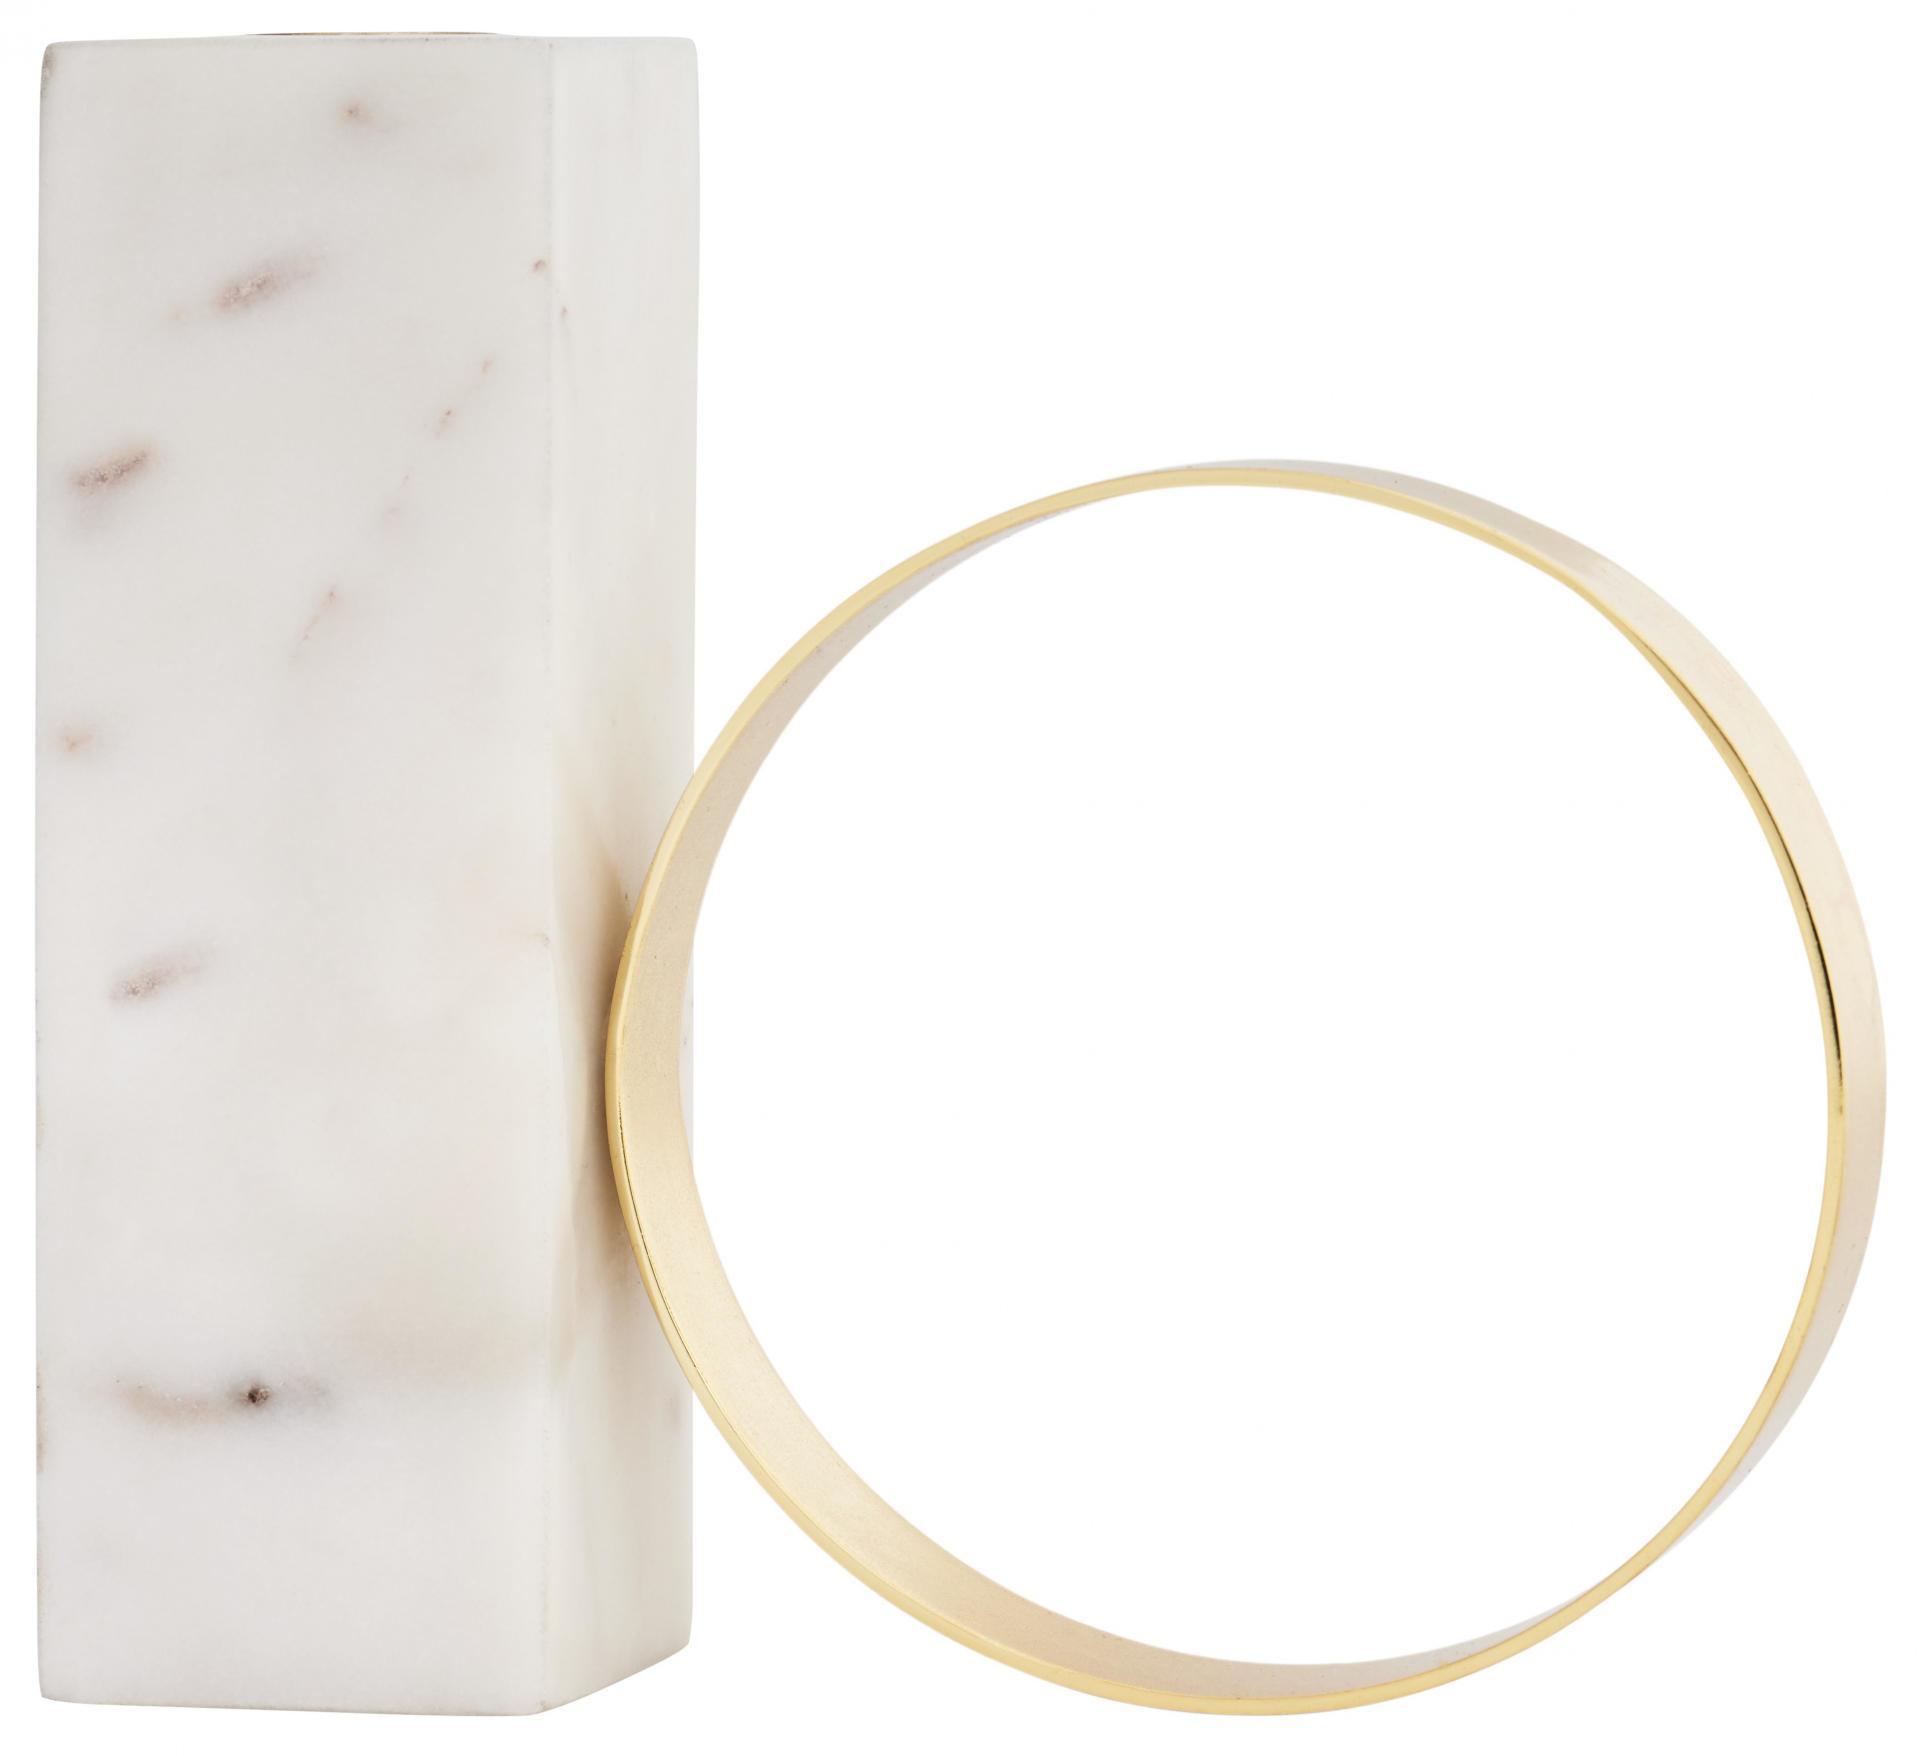 OYOY Designový svícen White Marble & Brass, béžová barva, bílá barva, zlatá barva, kov, mramor